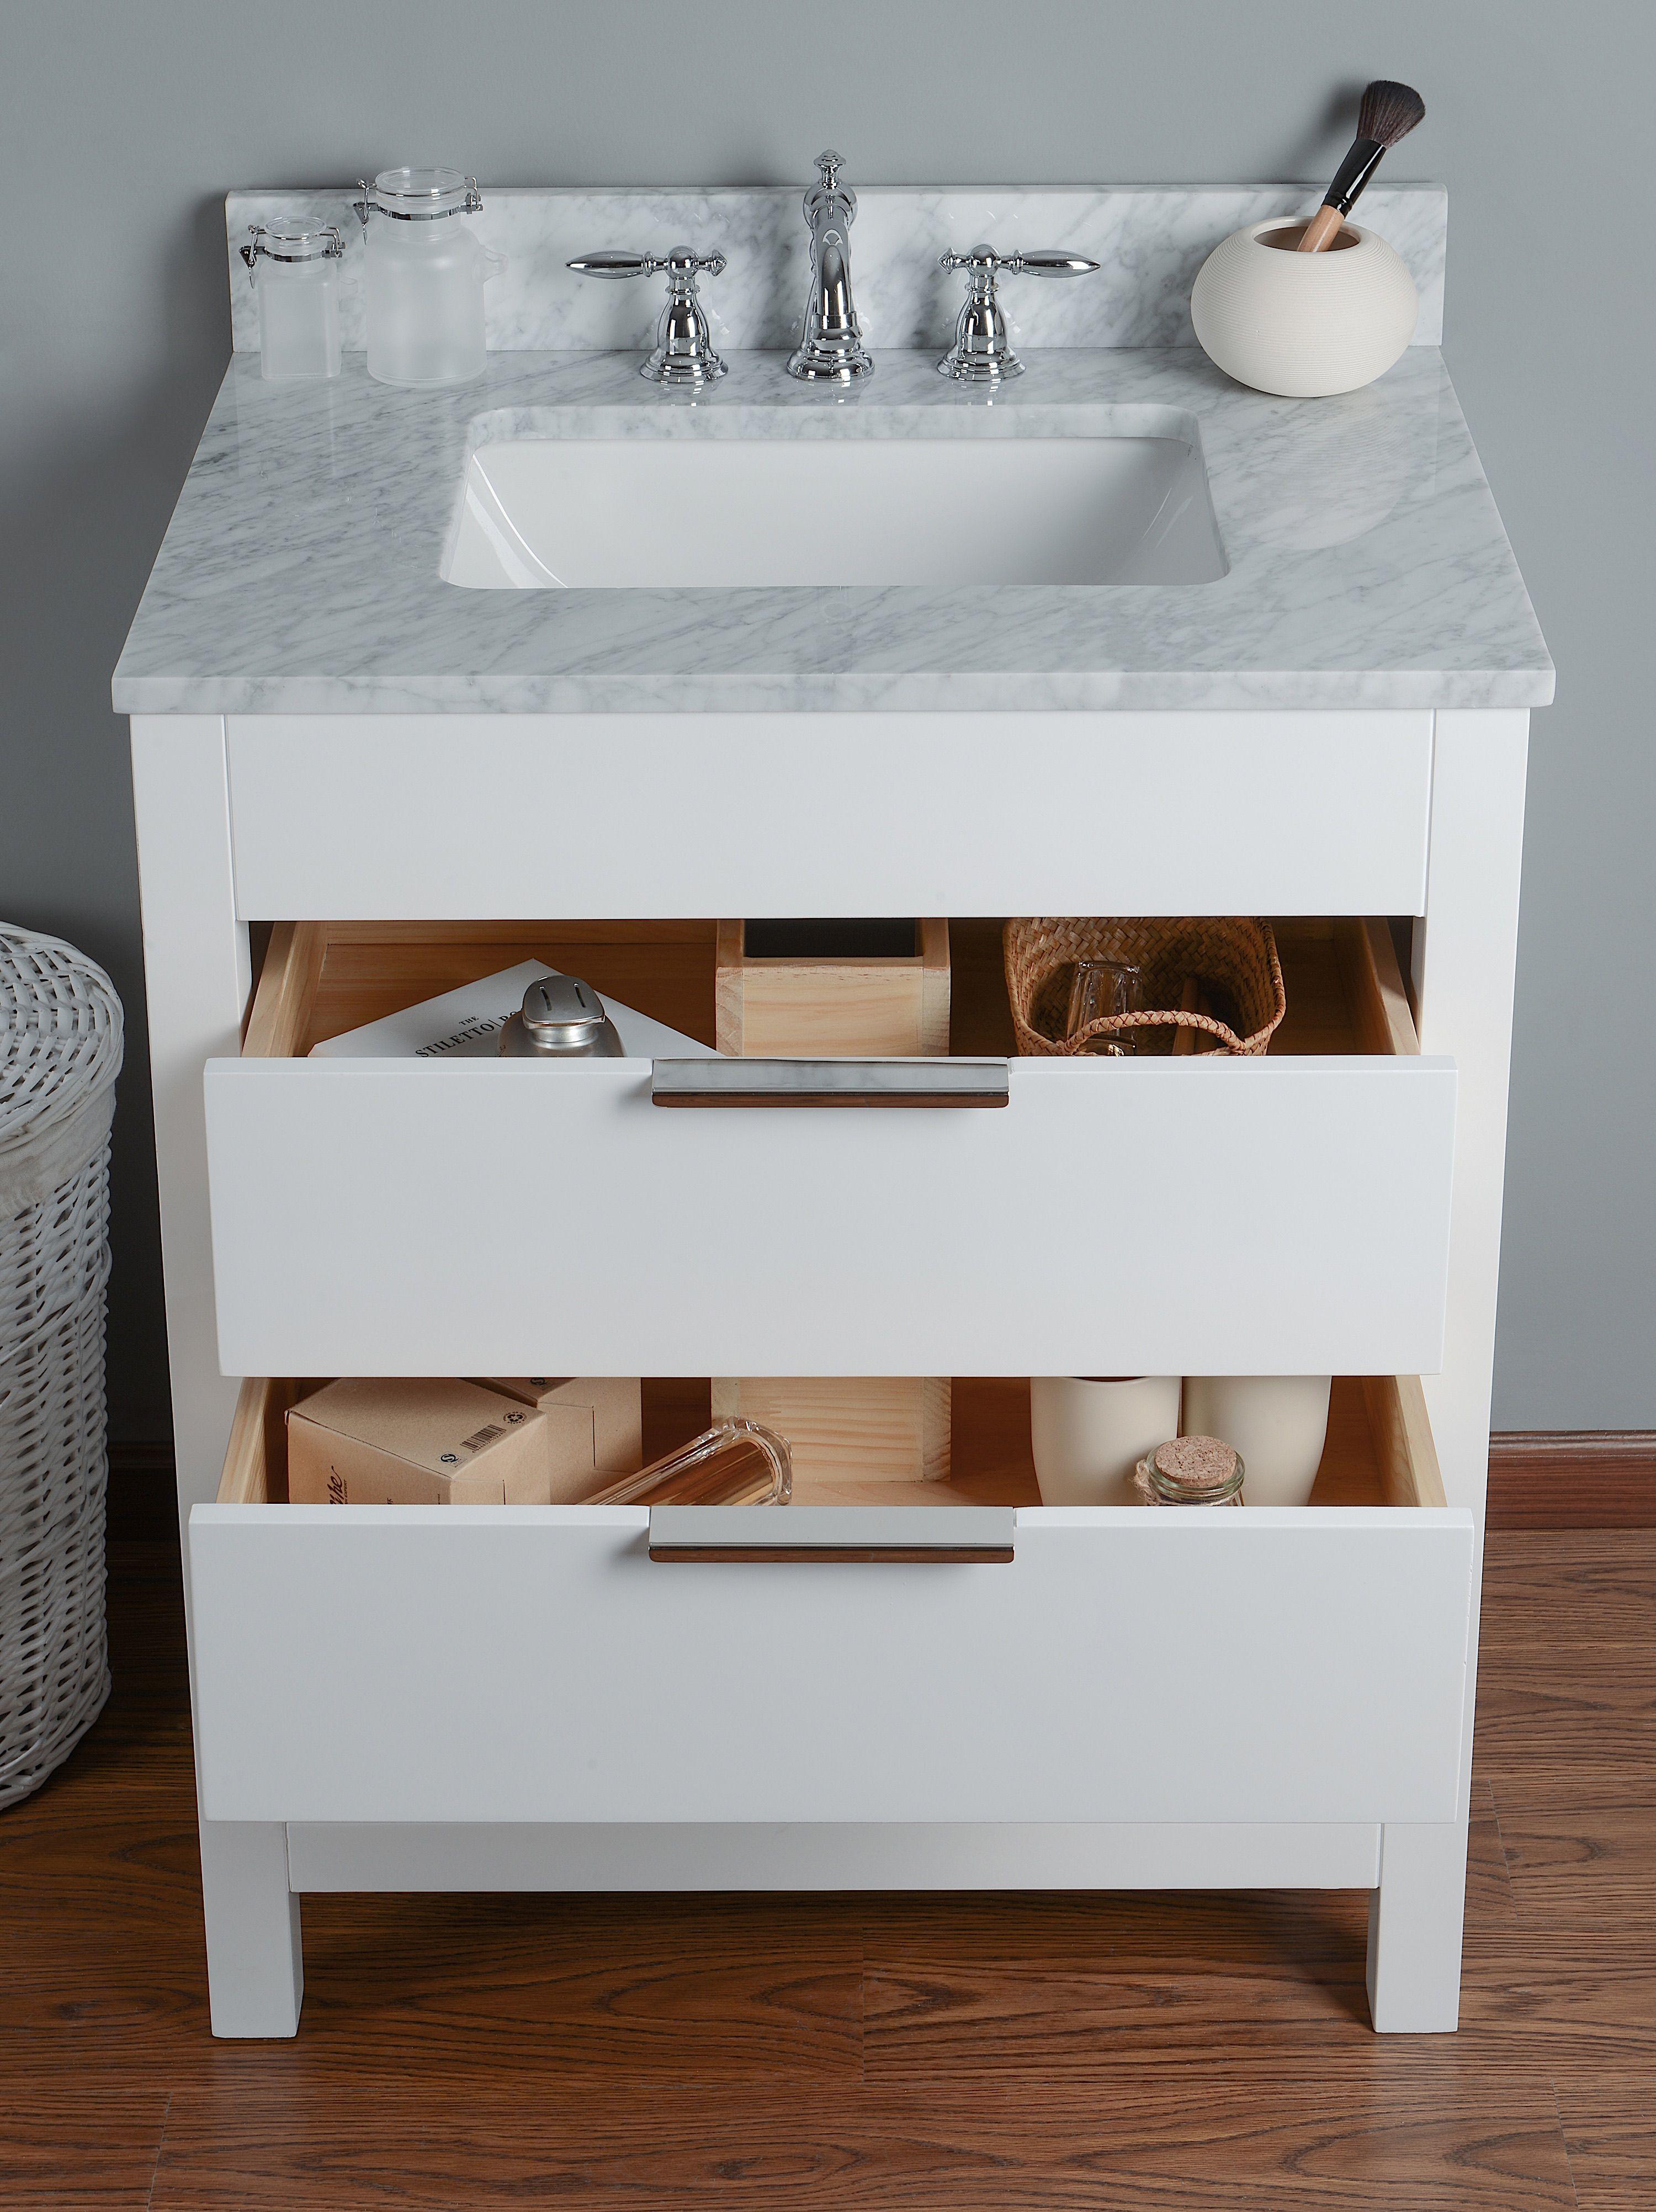 d in bath tops combo w x espresso decorators rushmore vanities top grey gazette collection home granite p bathroom with vanity